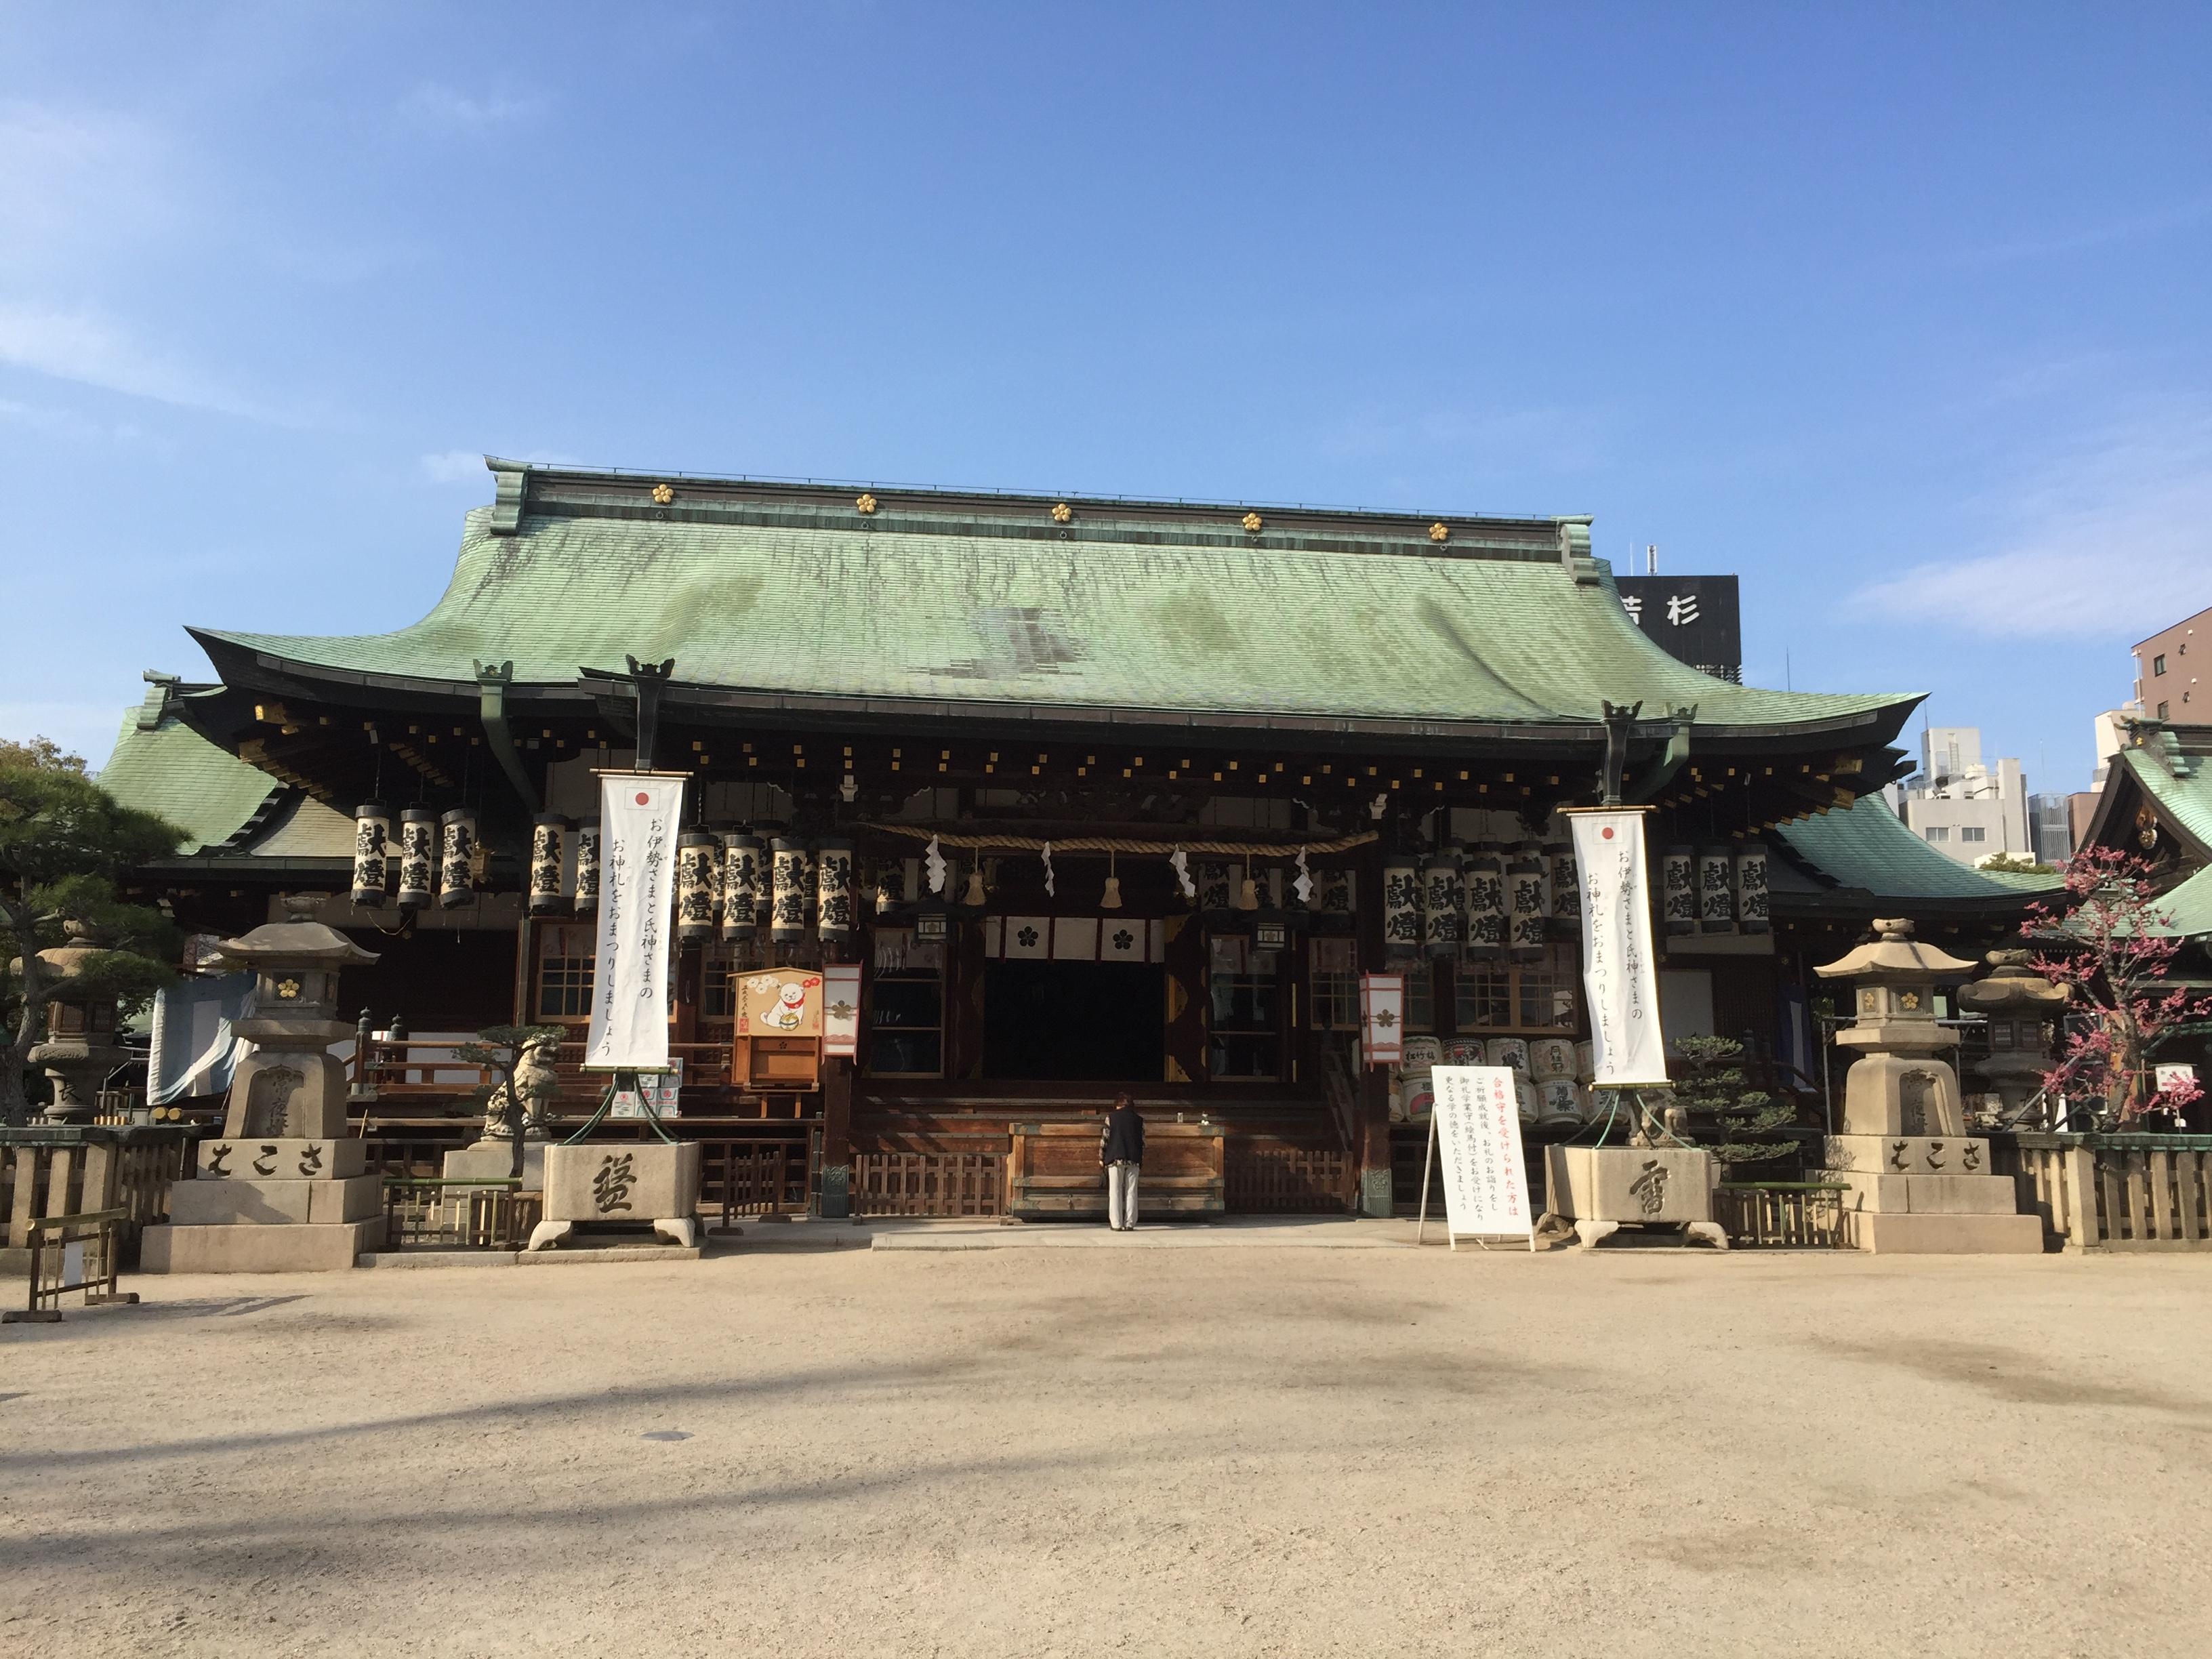 <p>天満宮本殿</p>弘化2年(1845年)造替の本殿を正面から見る。